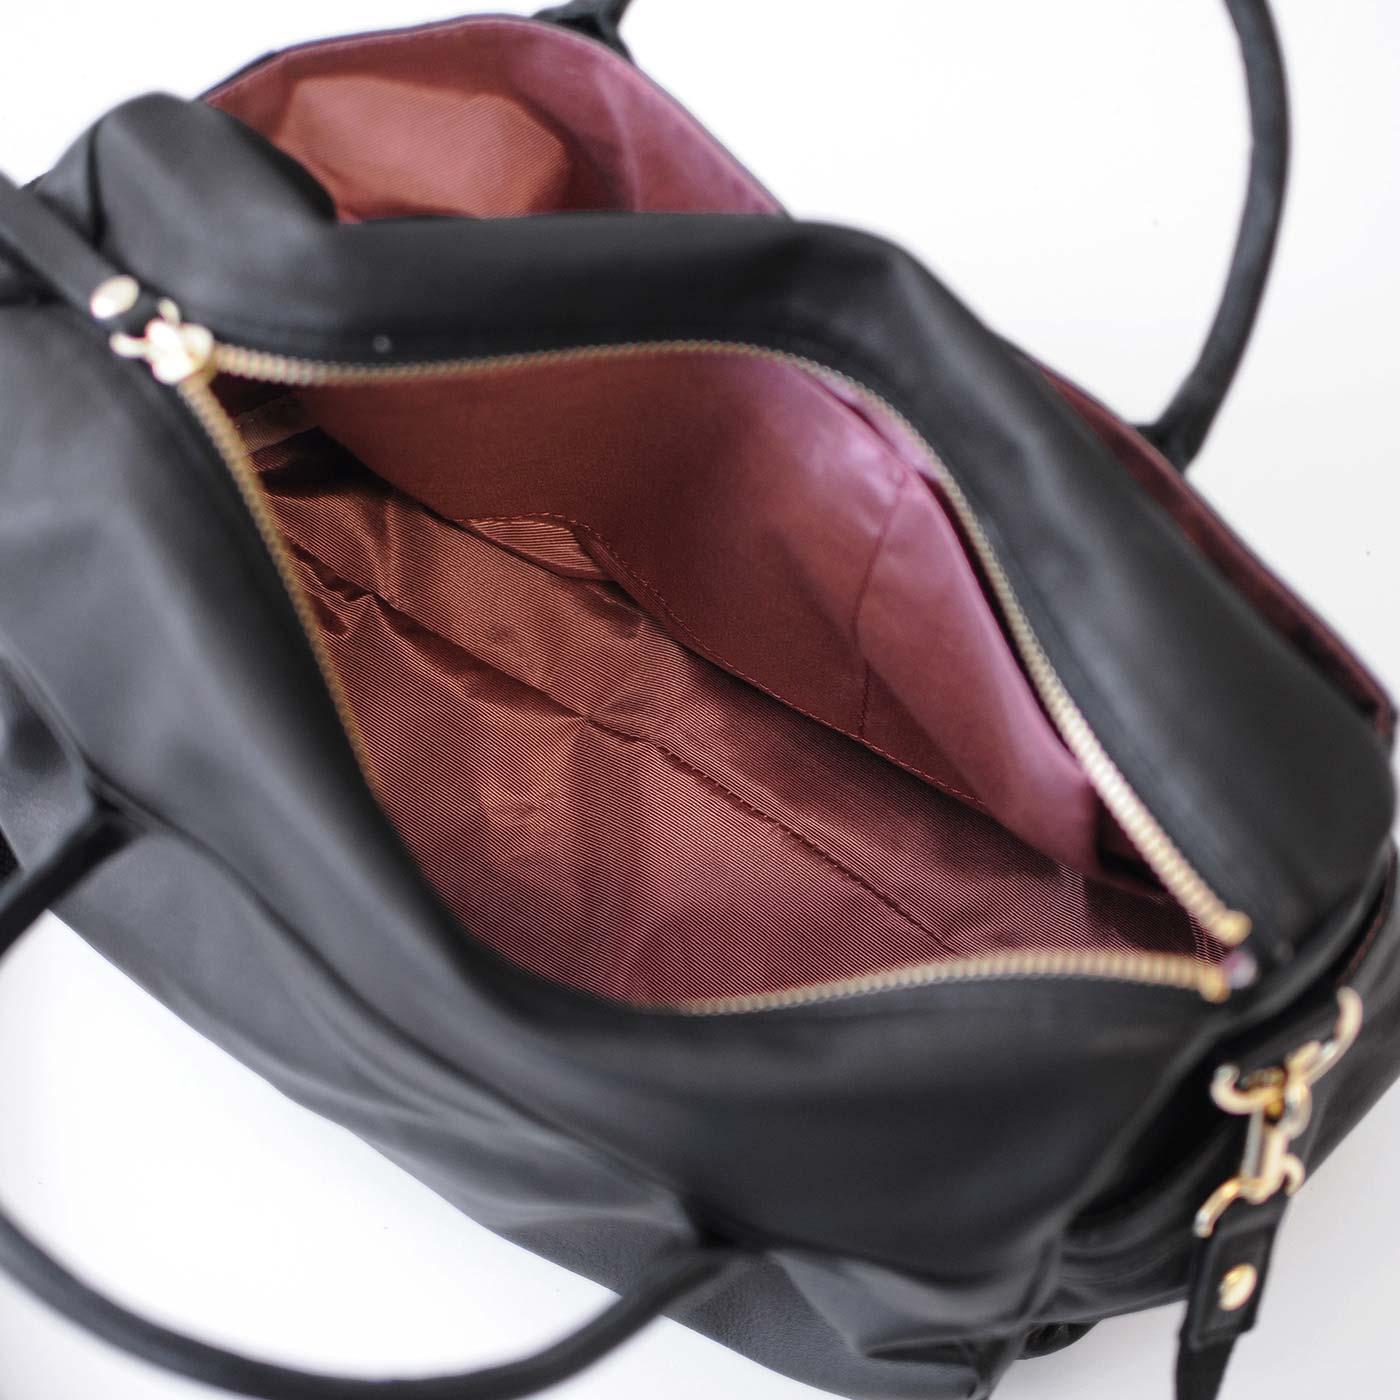 内側にもポケットが3つ。 光沢のある上品なピンクの裏地。